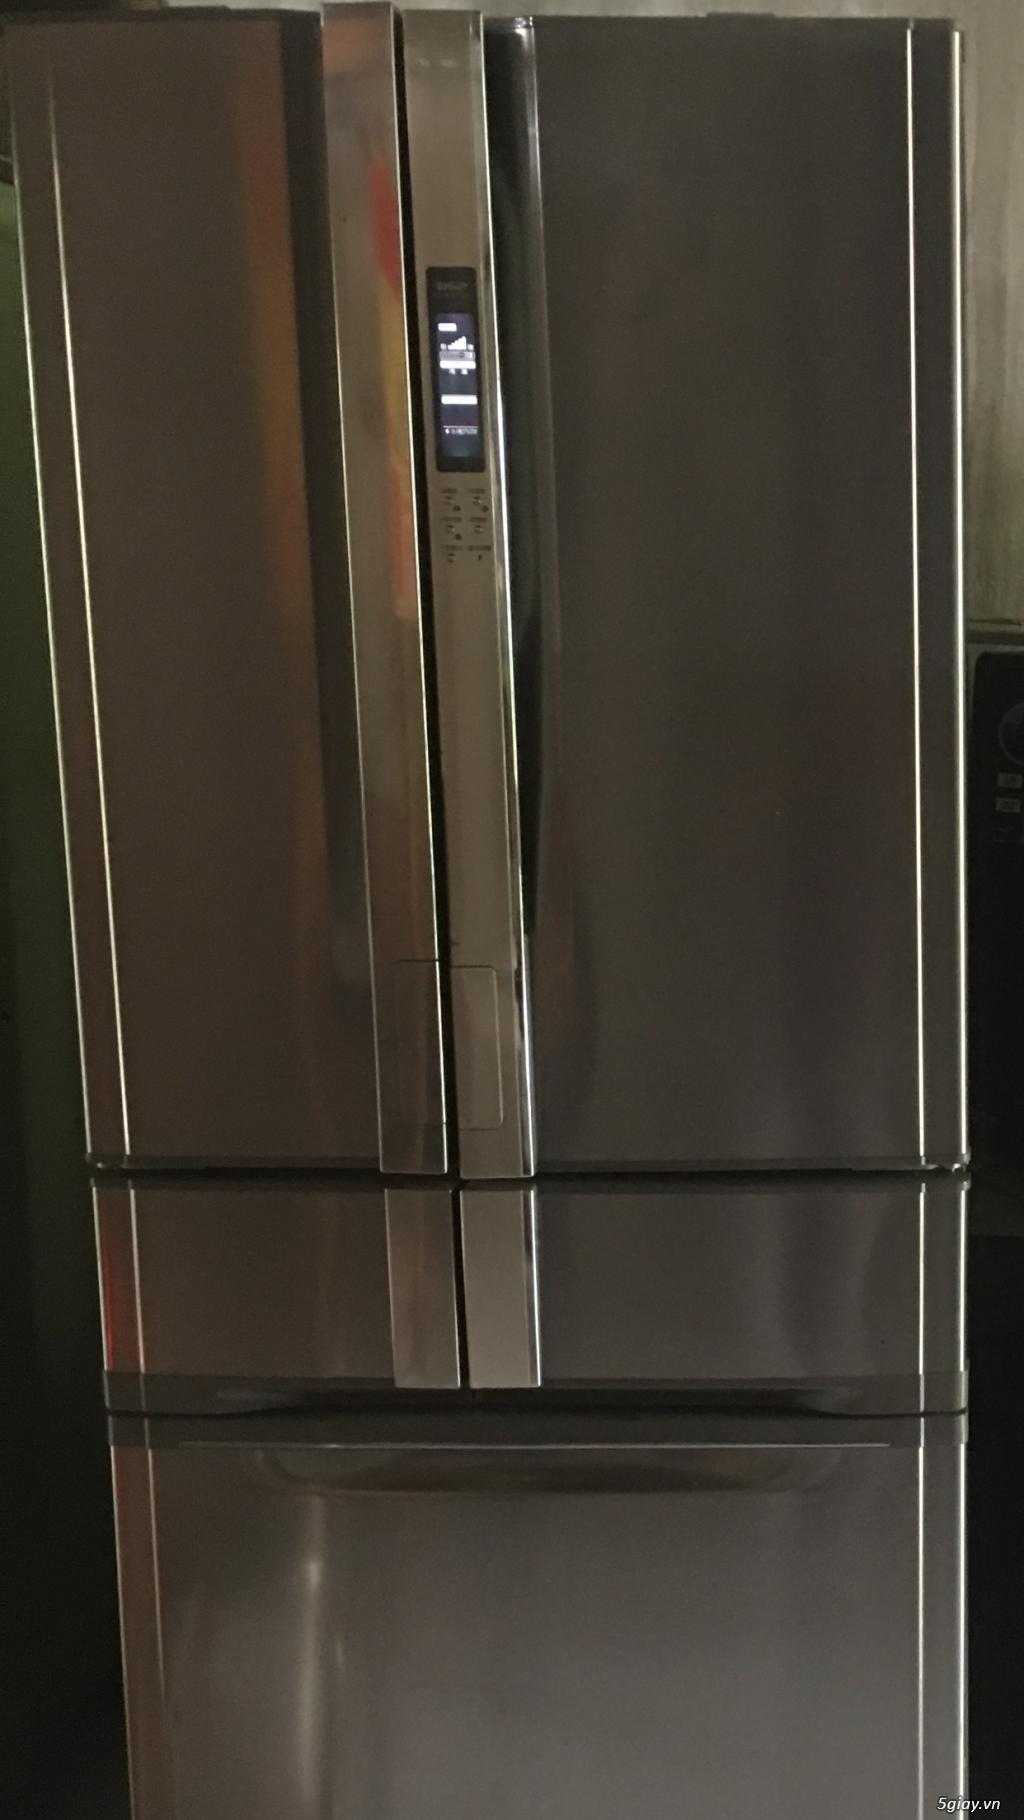 Tủ Lạnh Nội Địa Nhật.Gía Sỉ Cho Lái và Cửa Hàng mua về bán lẻ..! - 9